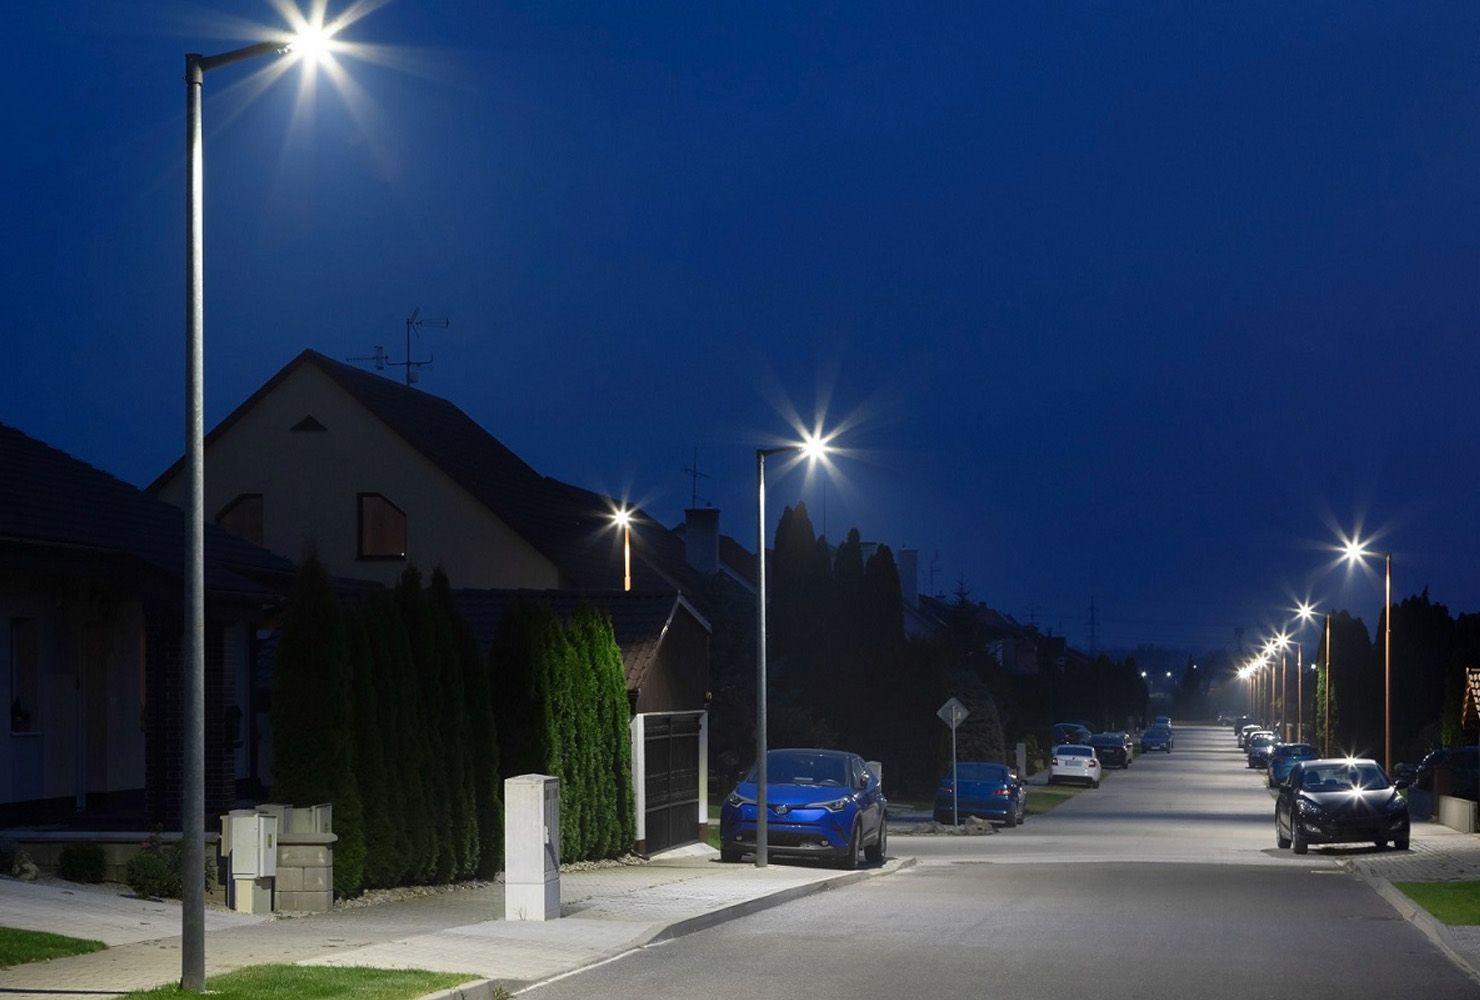 Iluminación de calles residenciales con la luminaria Vial MAYJA Ref.788